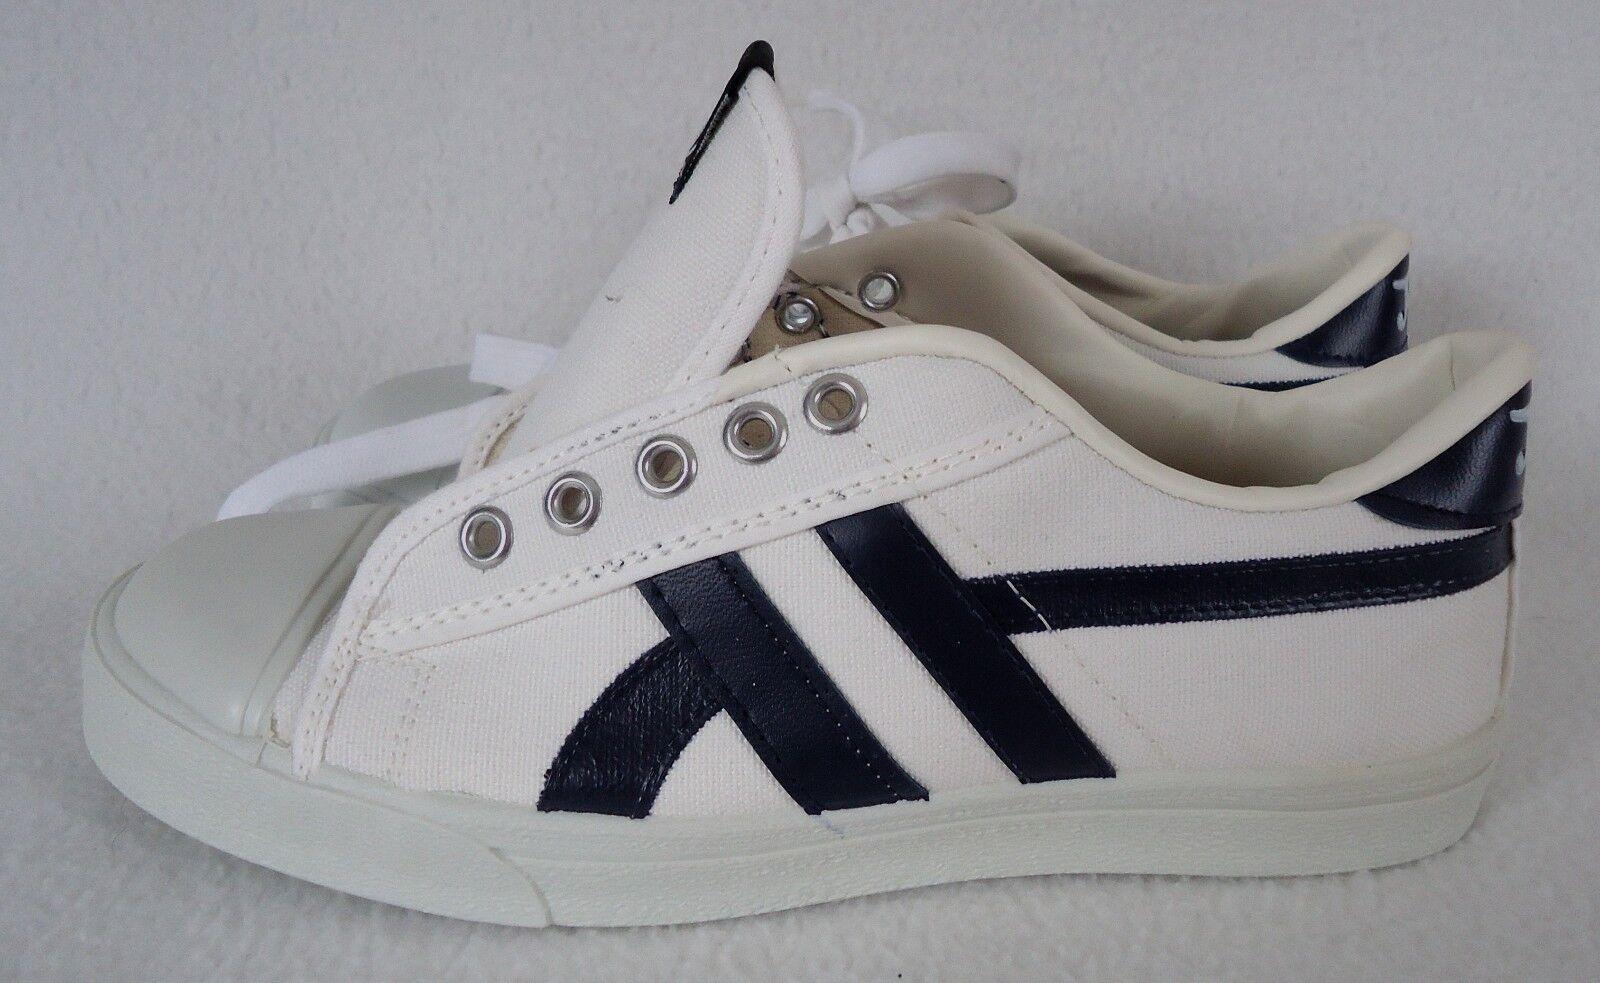 Zapatos Tenis Deportivos Vintage Jox 6 M blancoo Azul Marino Lona Hombre Retro Nuevo